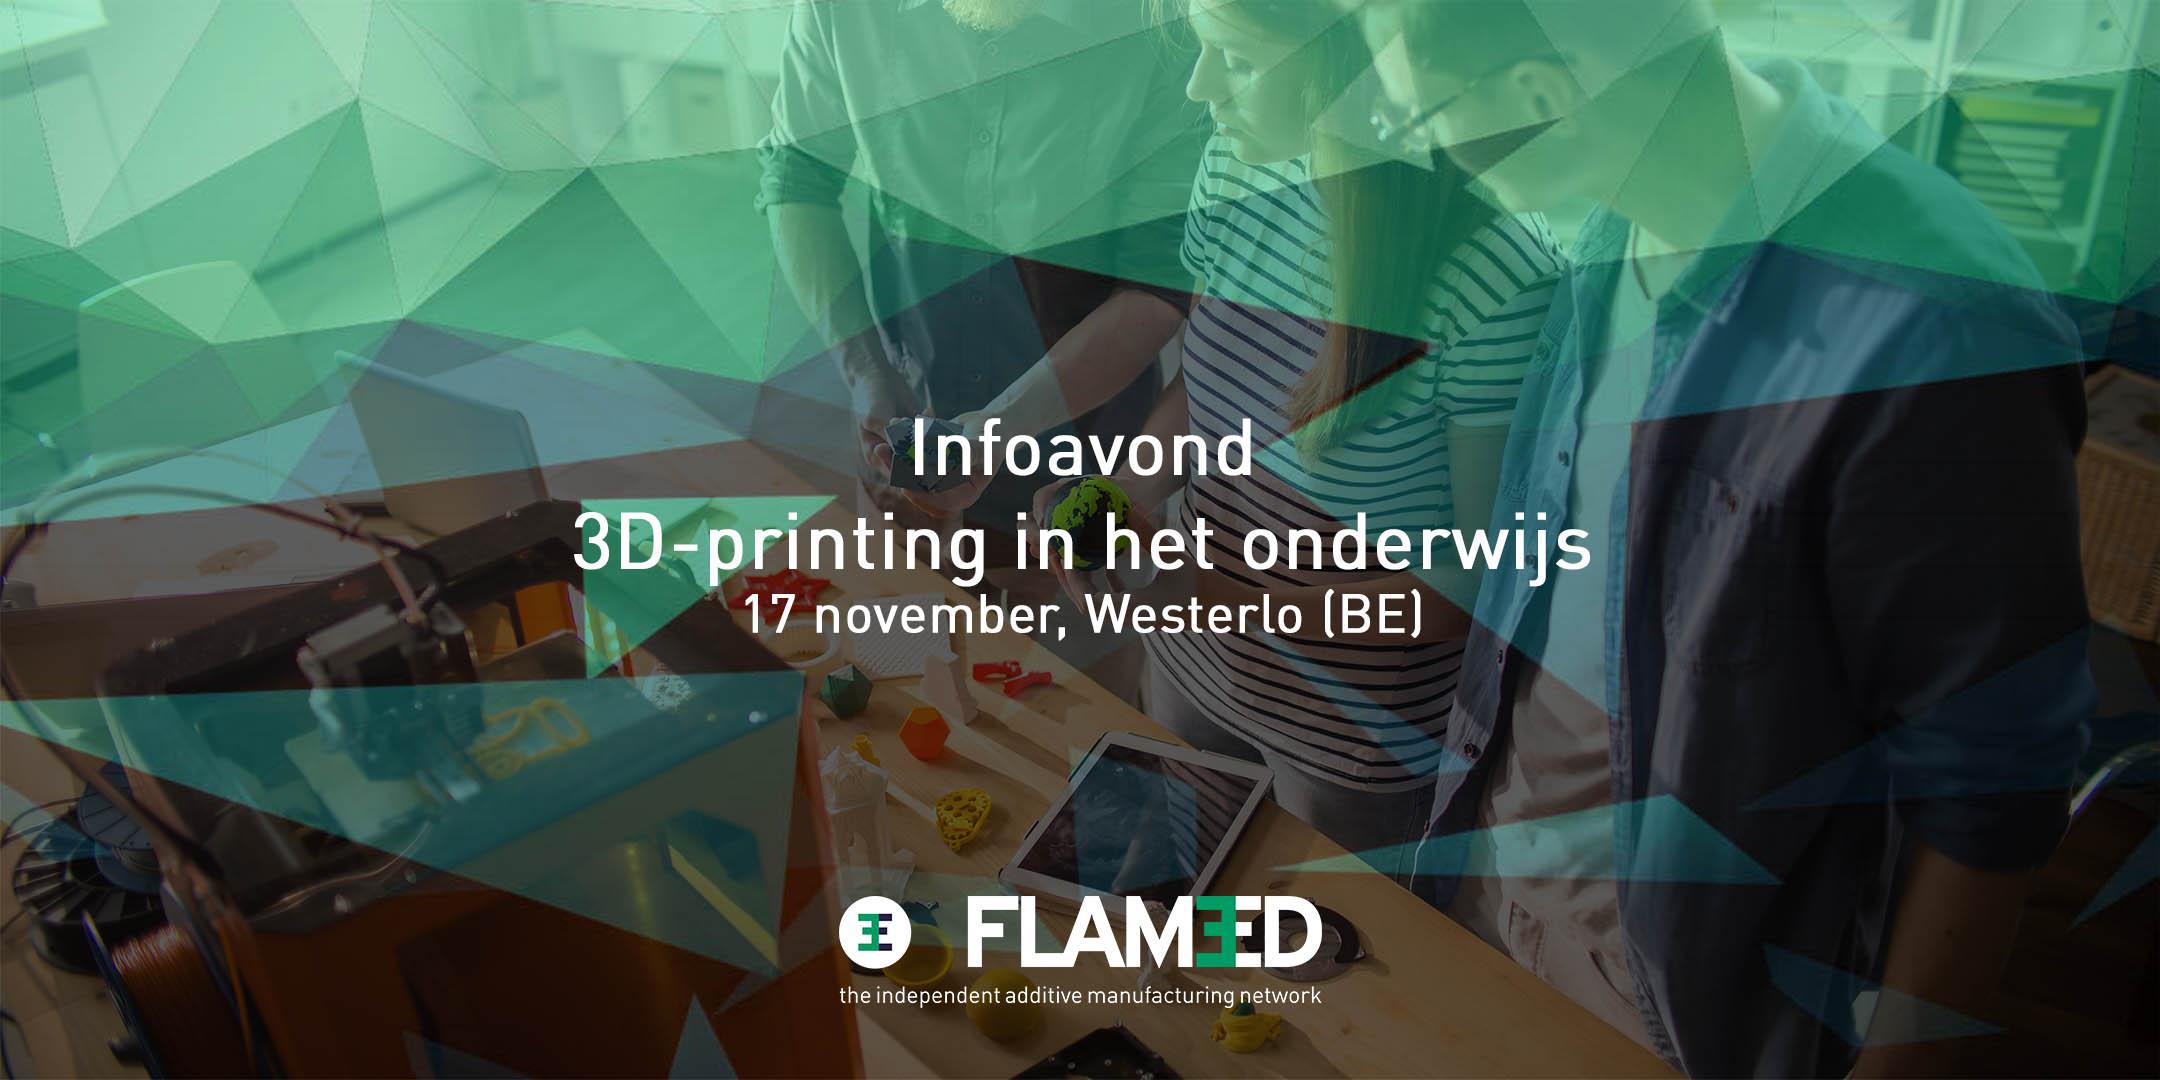 Event 3D-printing in het onderwijs